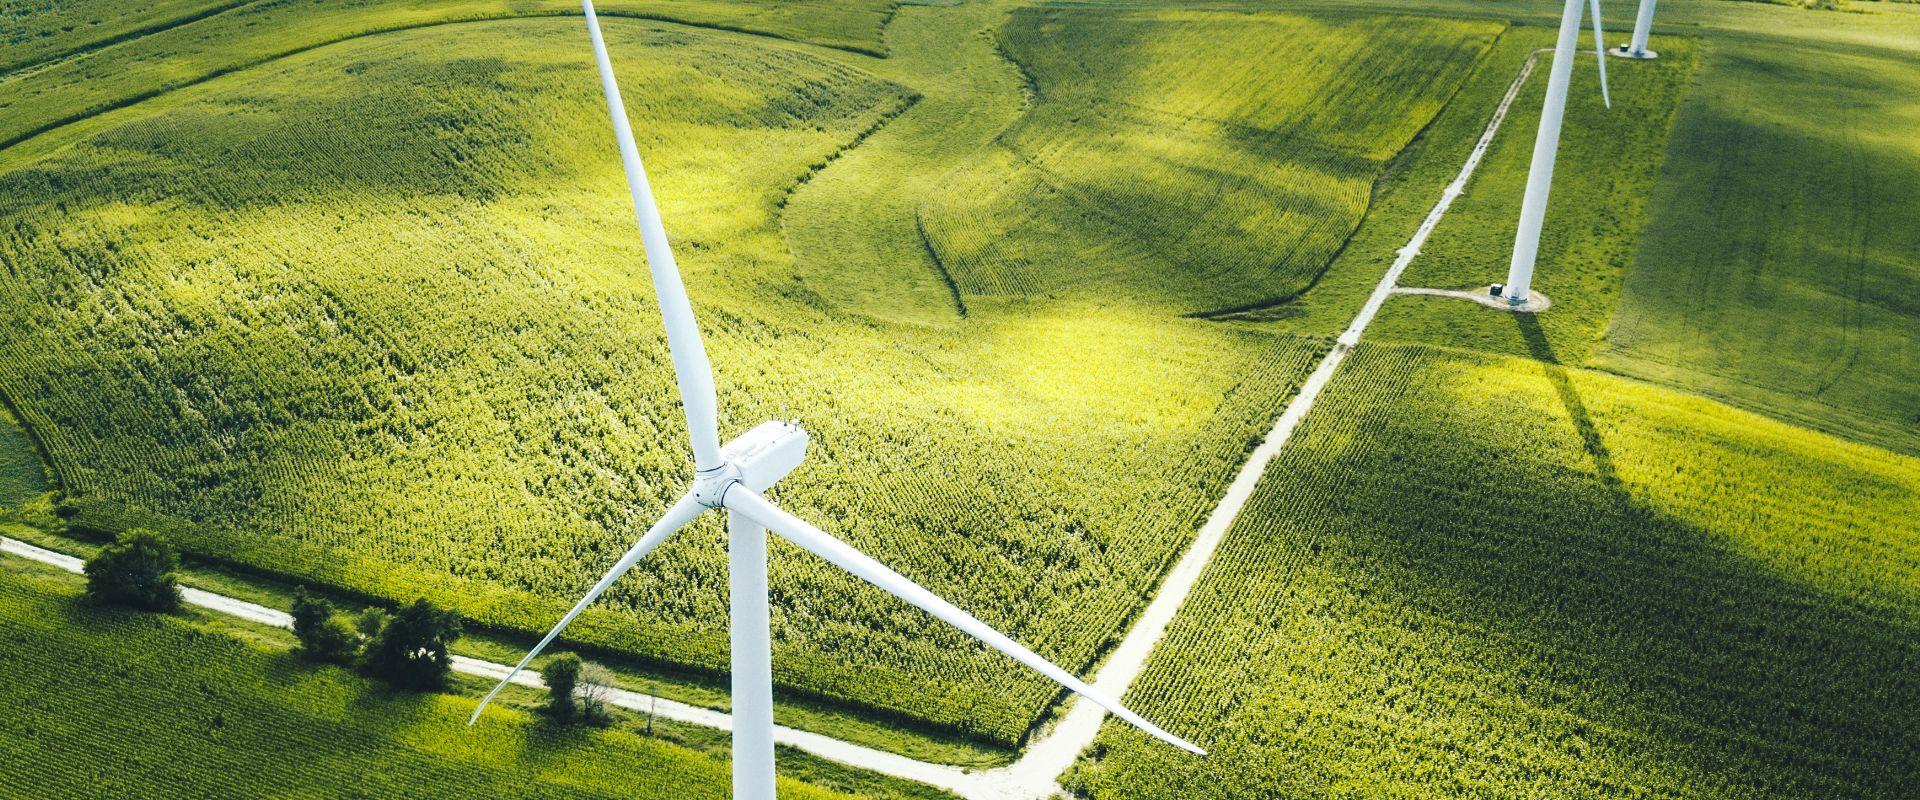 Energies <br><span> décarbonées et renouvelables</span>